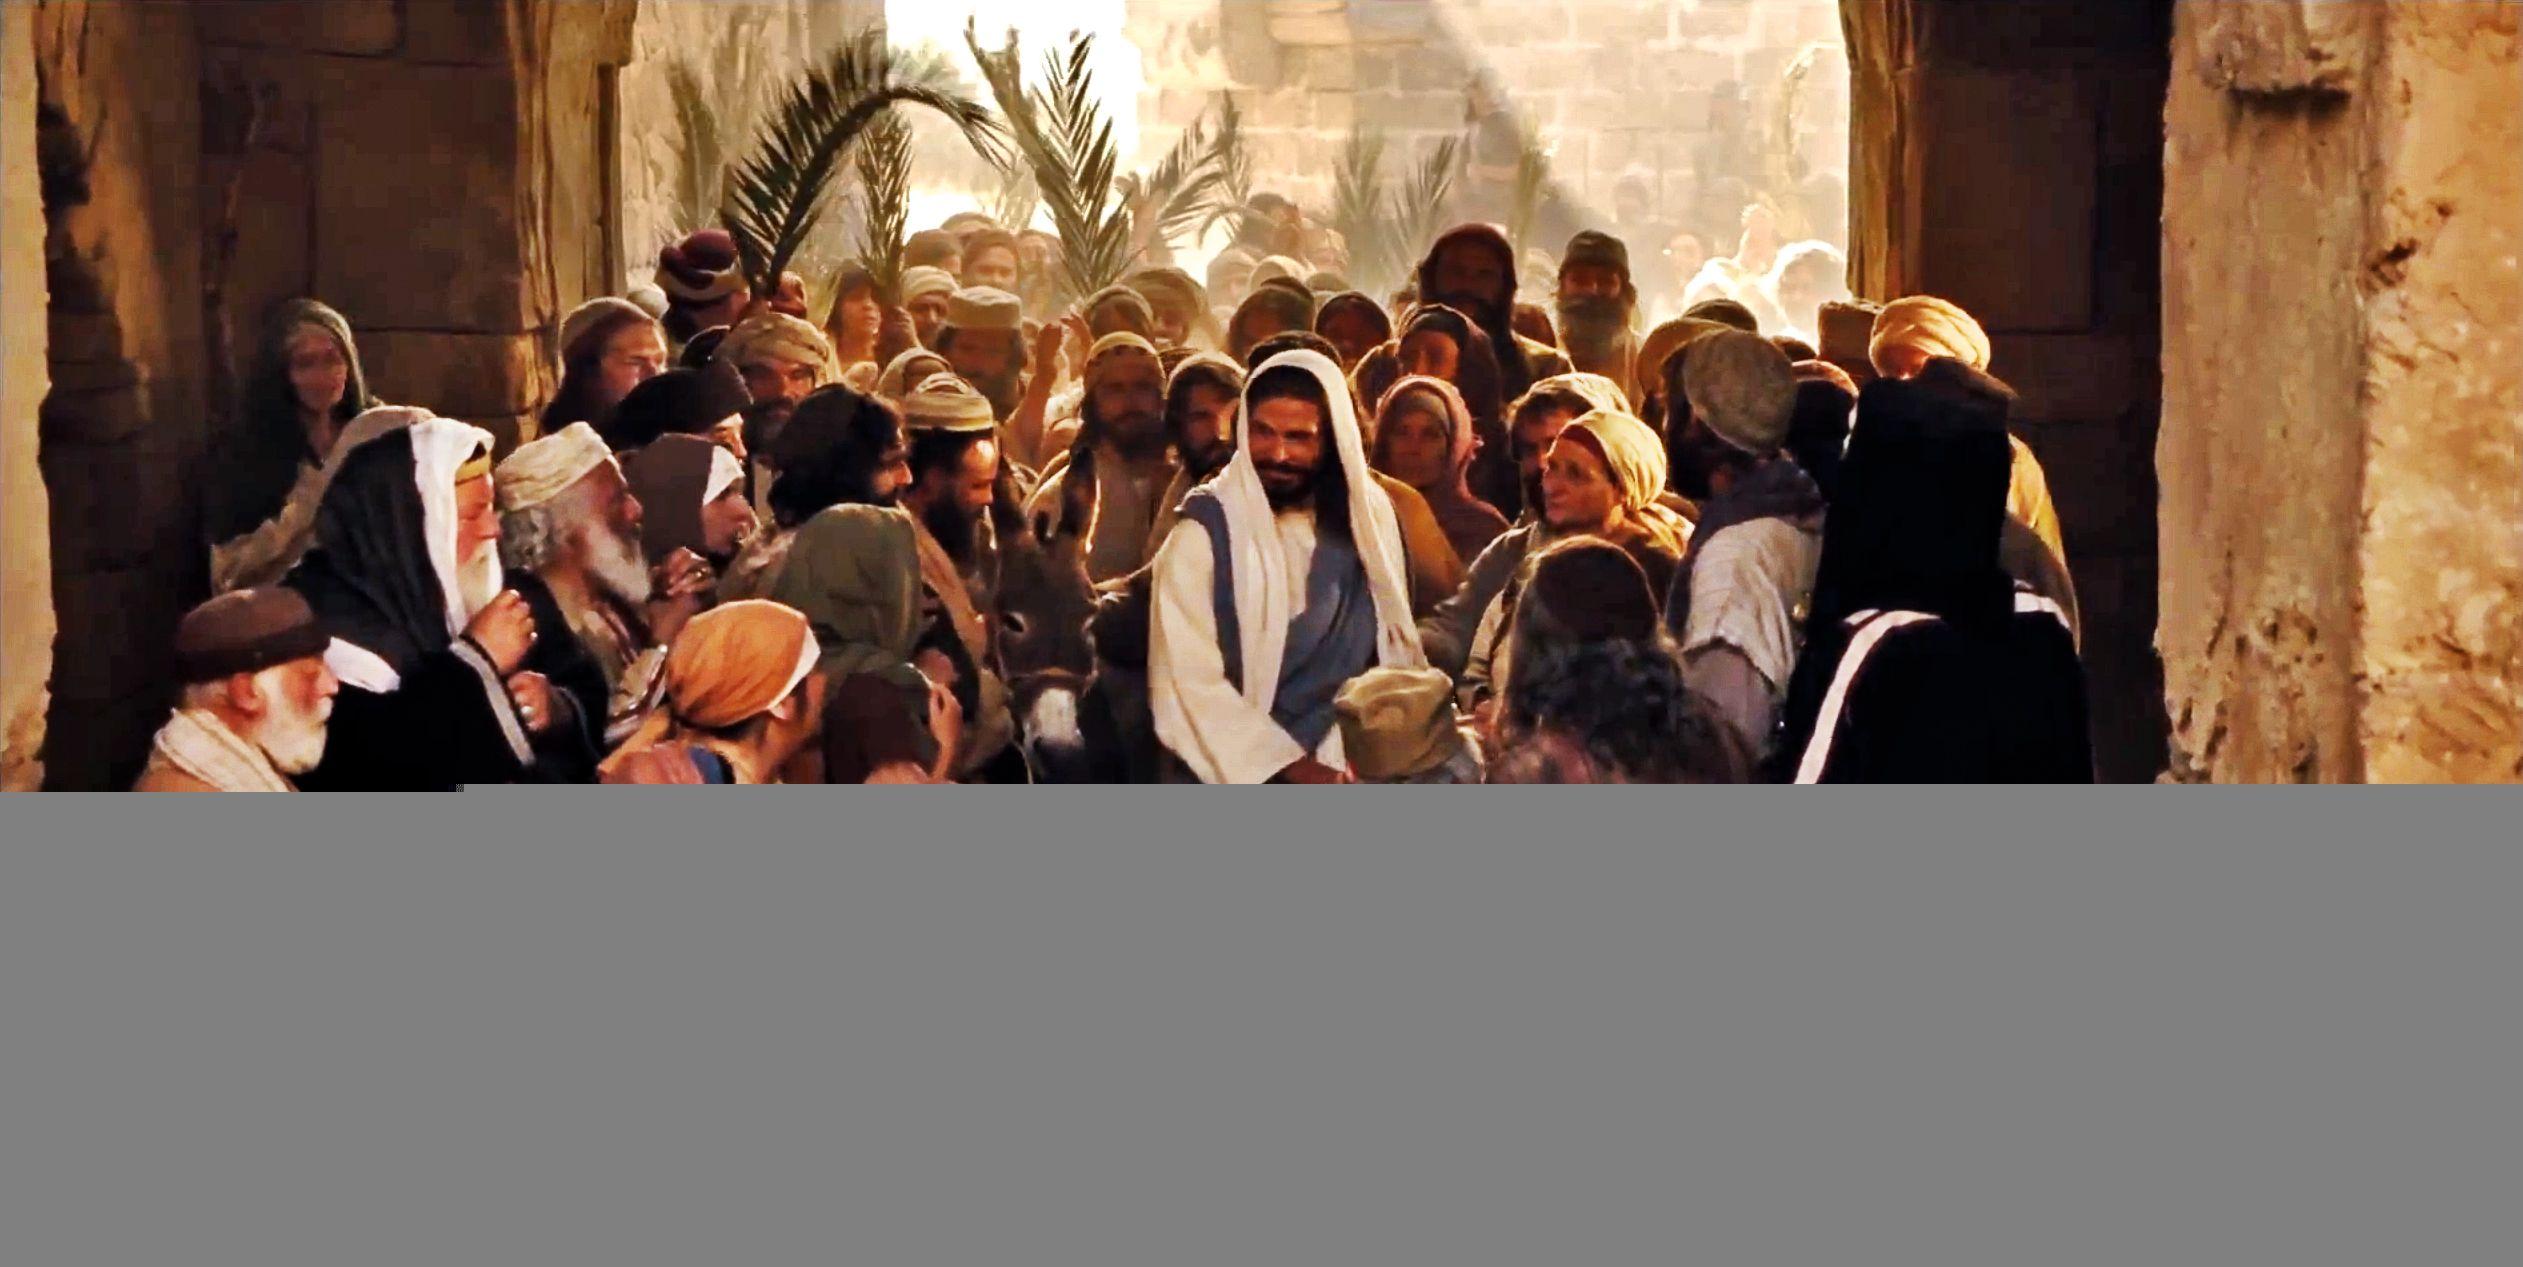 Christ riding into Jerusalem on Palm Sunday.